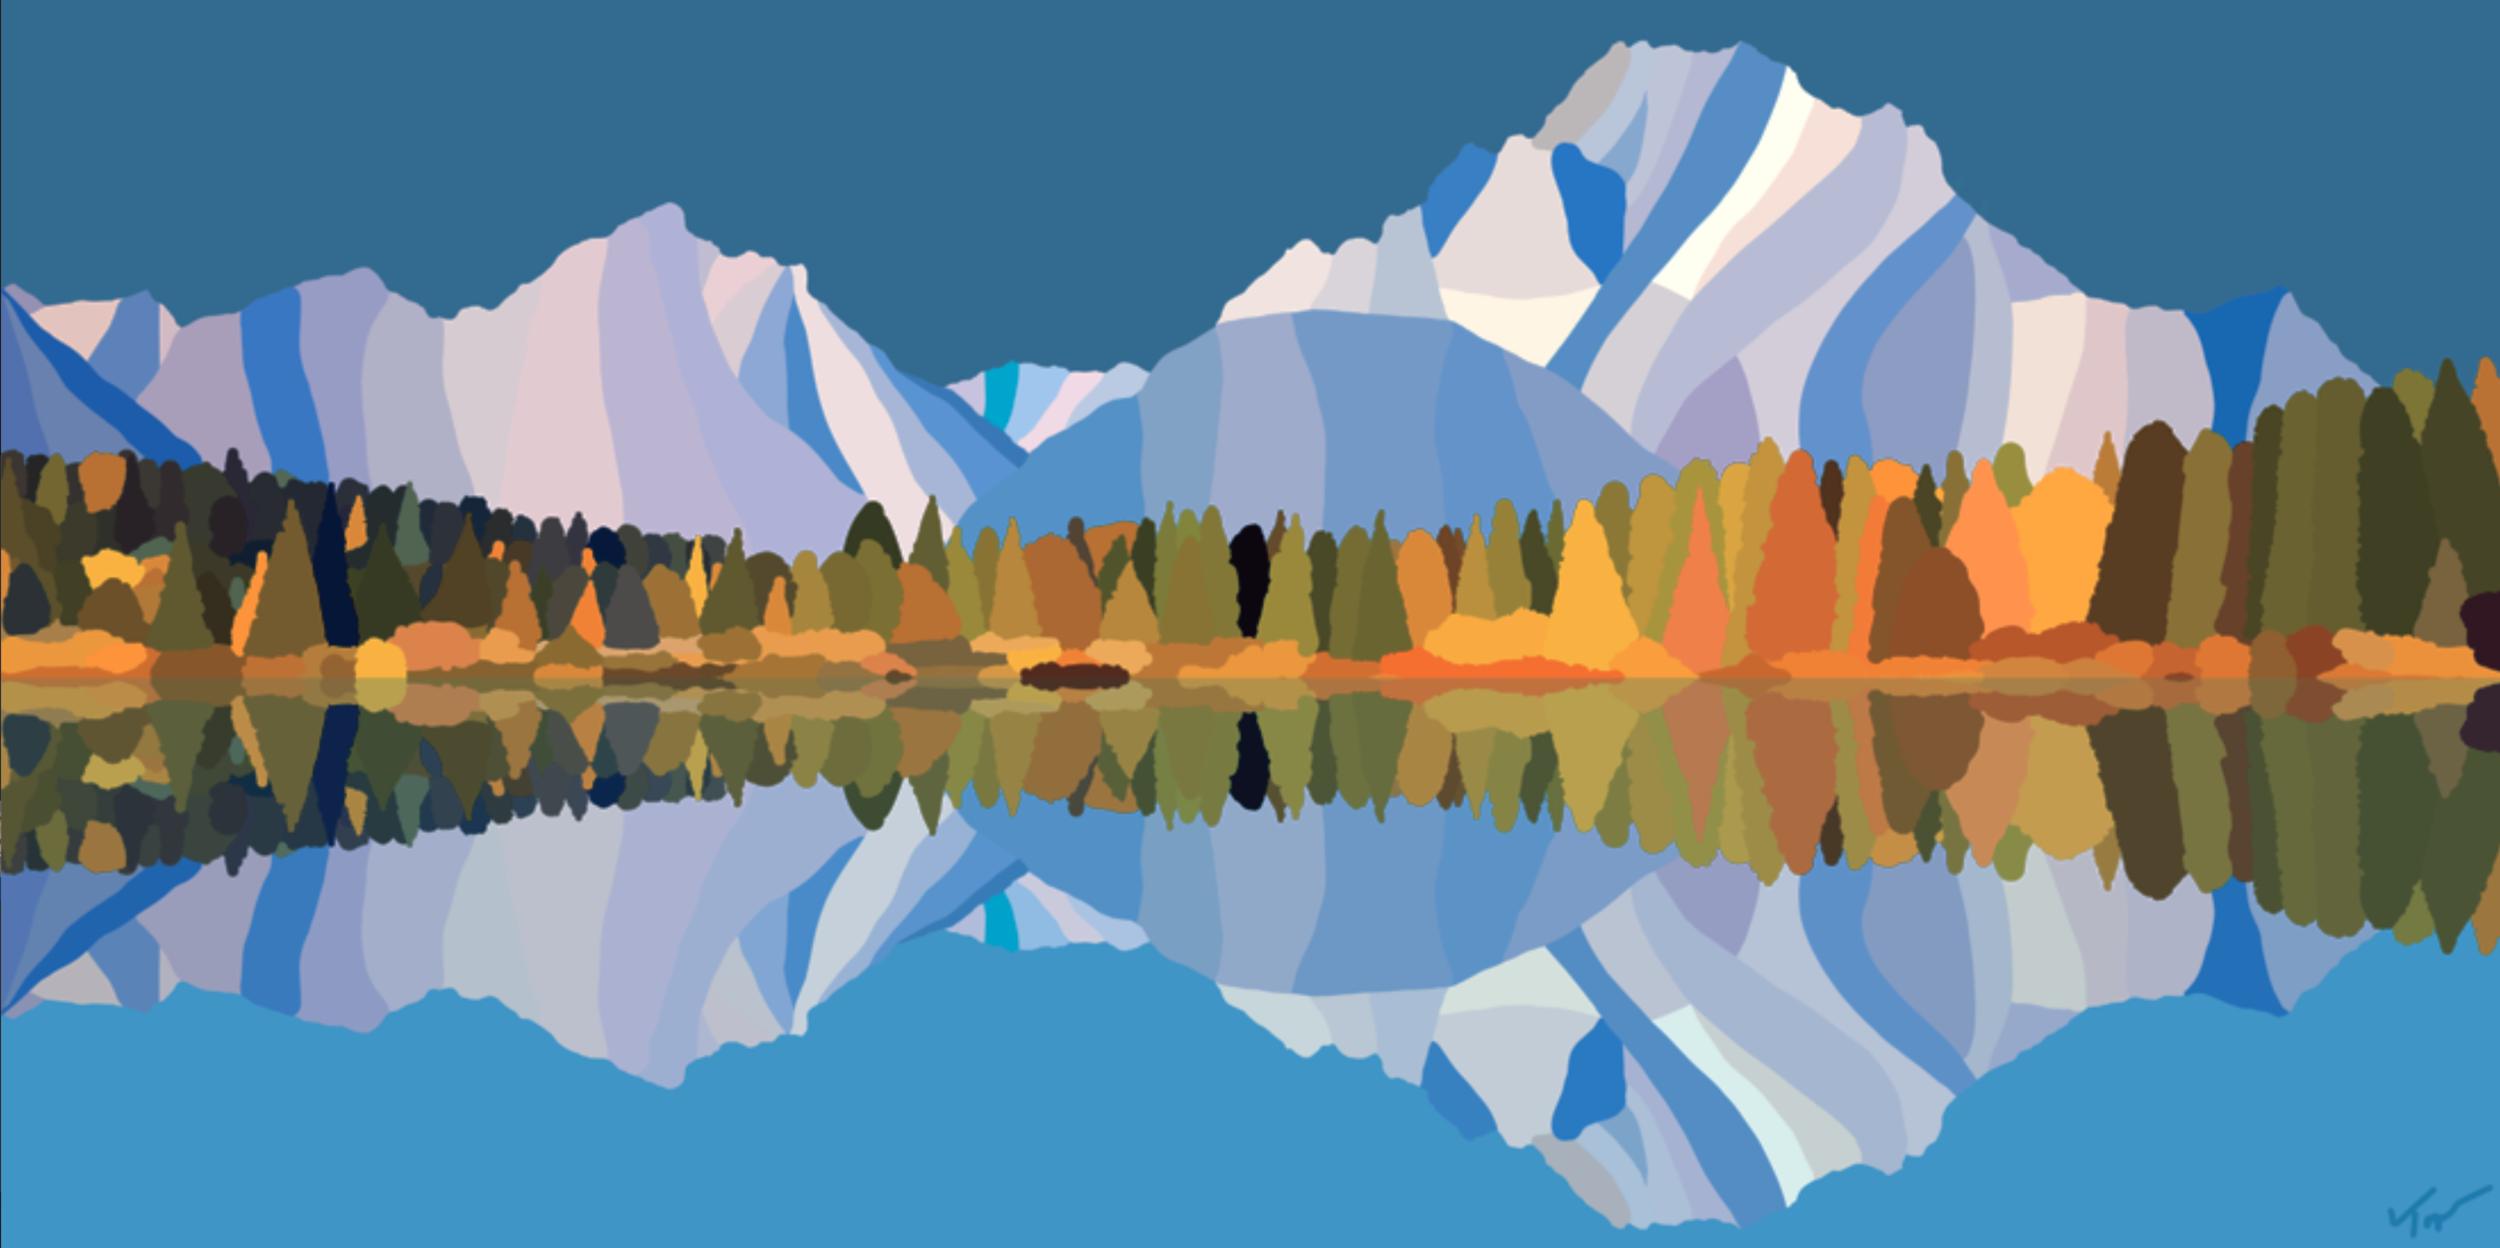 Grand Tetons National Park  , 2019  Dye Sublimation on Aluminum   ORIGINAL   |   LIMITED EDITION   |  SOUVENIR